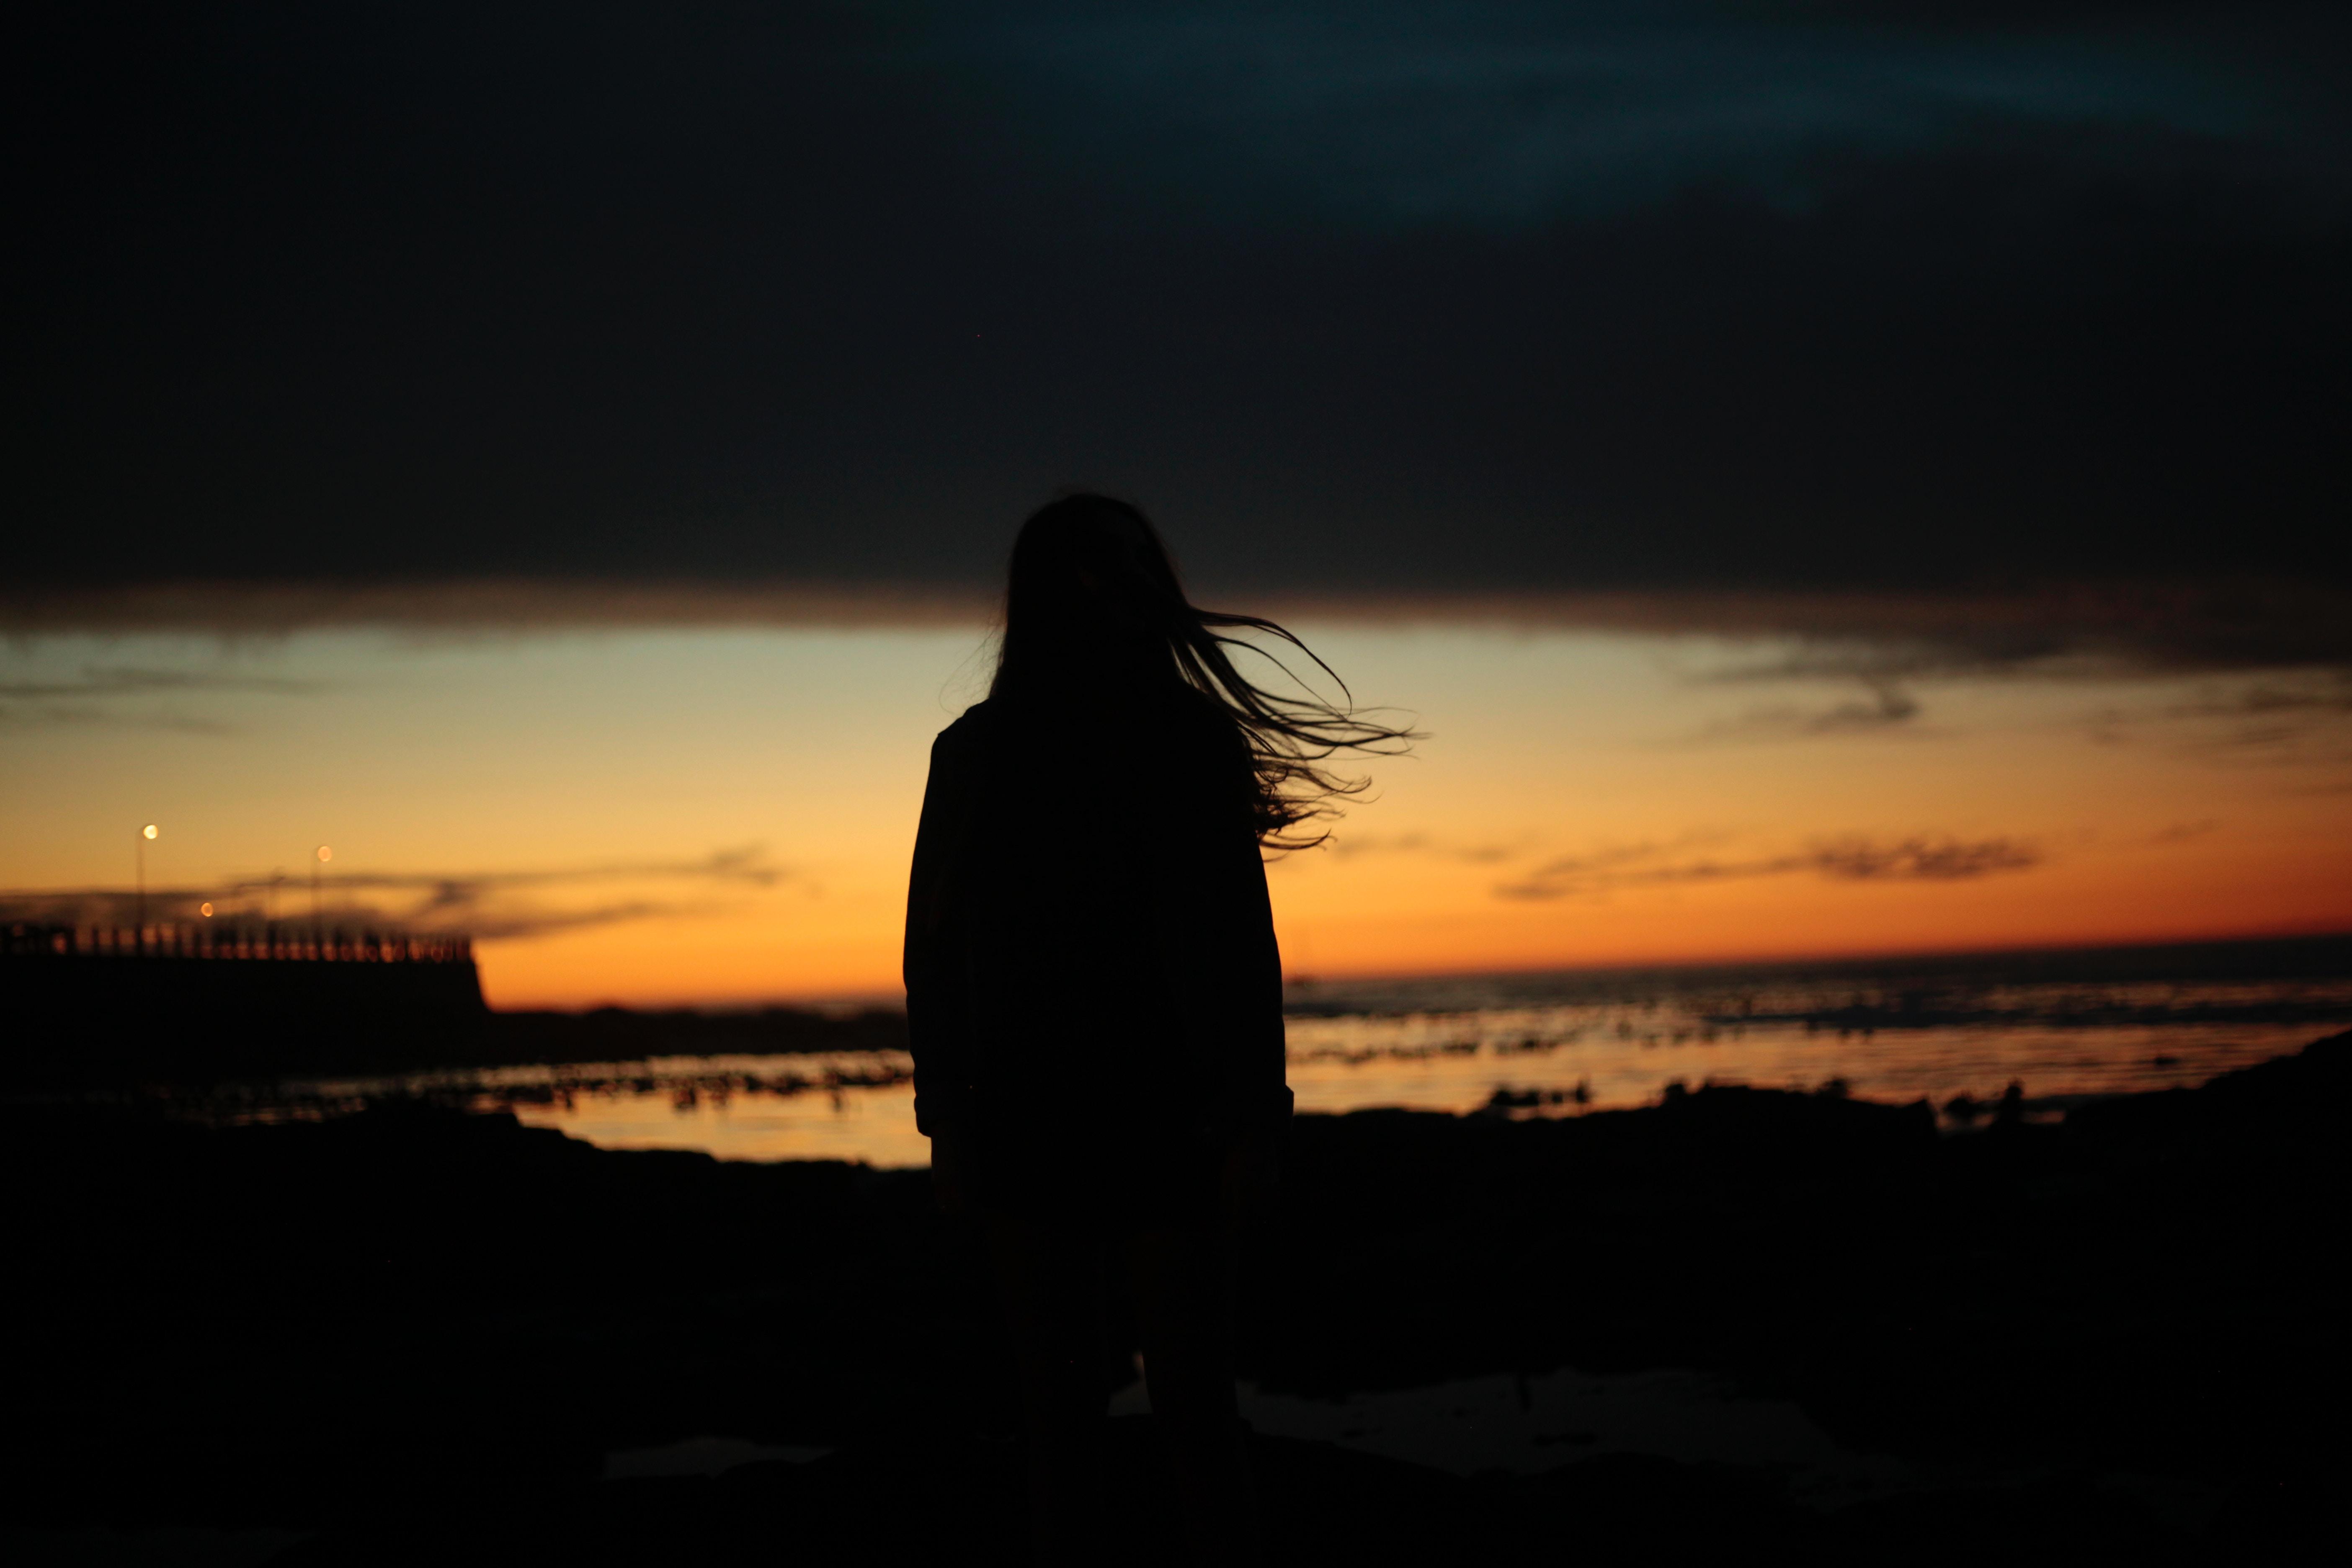 Пятница 13. Как избежать проблем в день несчастий: приметы и суеверия